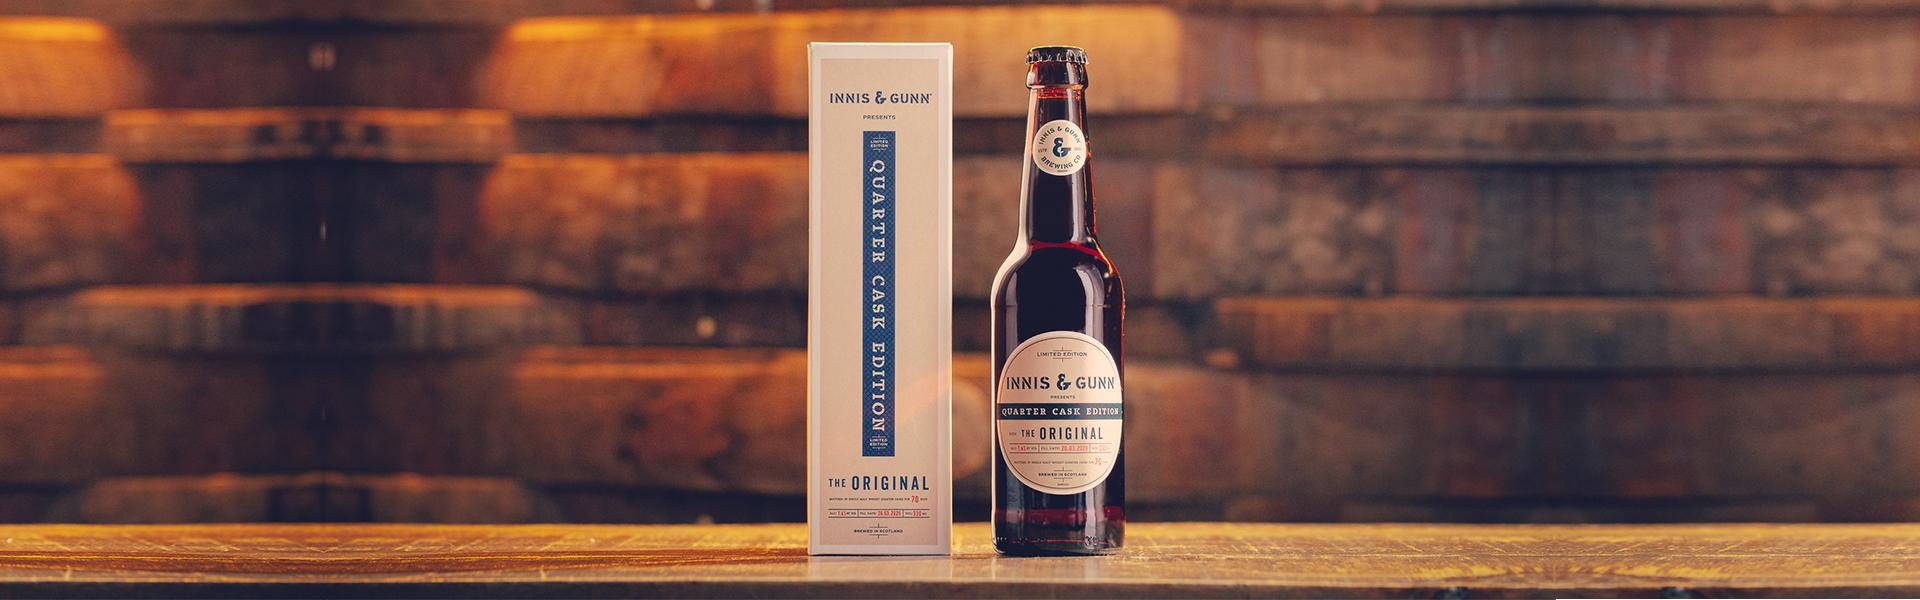 Innis & Gunn lanserar limiterad ale lagrad på unika quarter casks